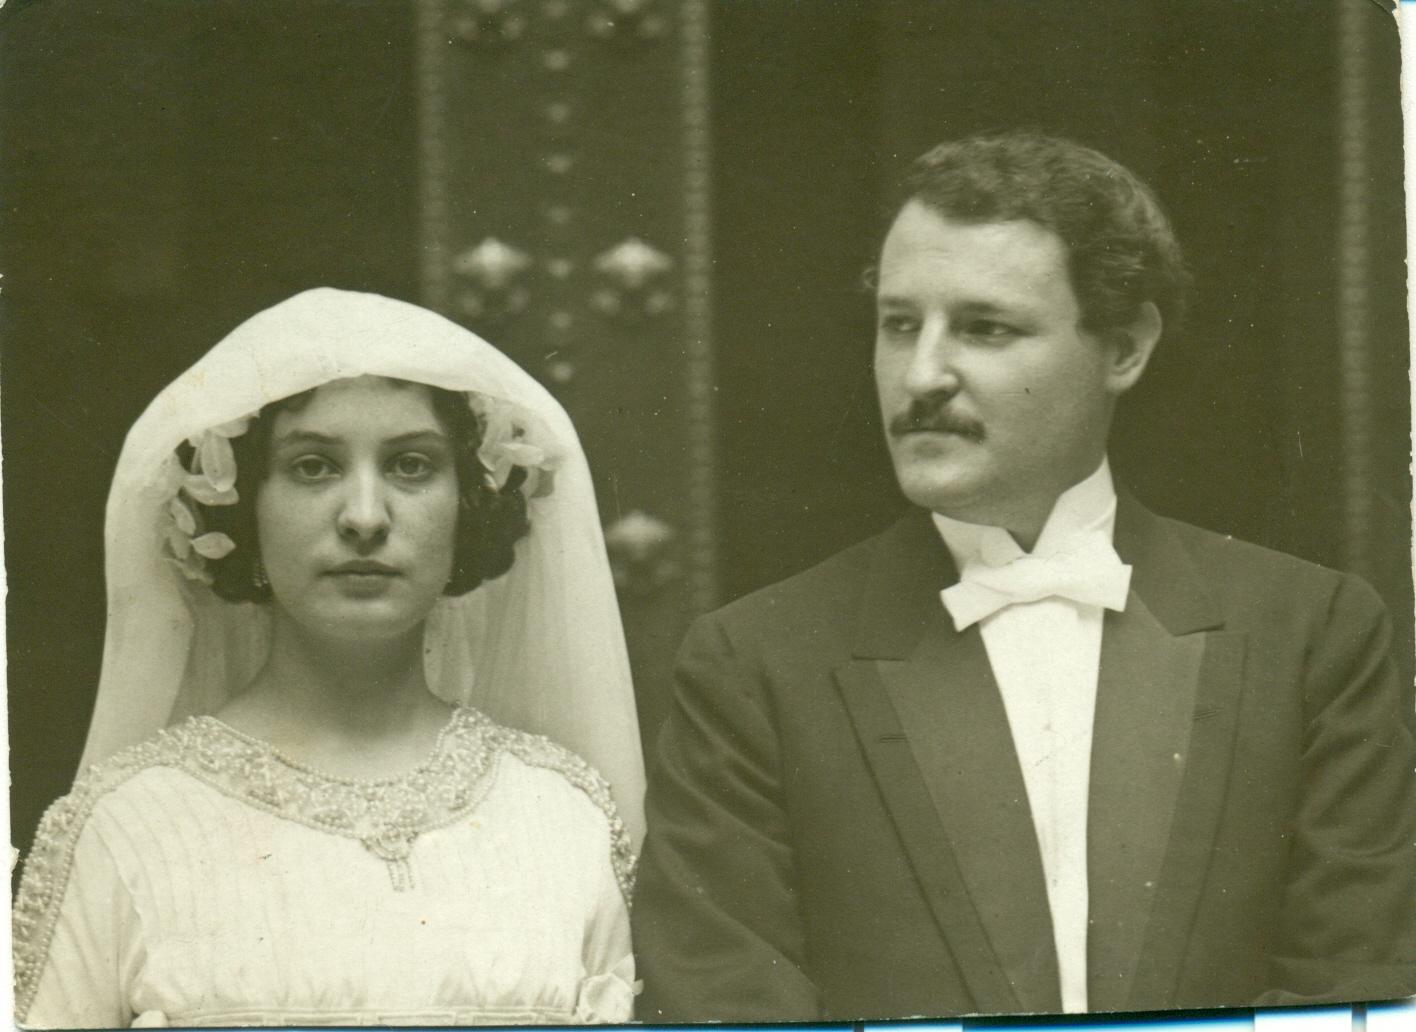 Boda de Federico Beltran Masses con Irene Narezo